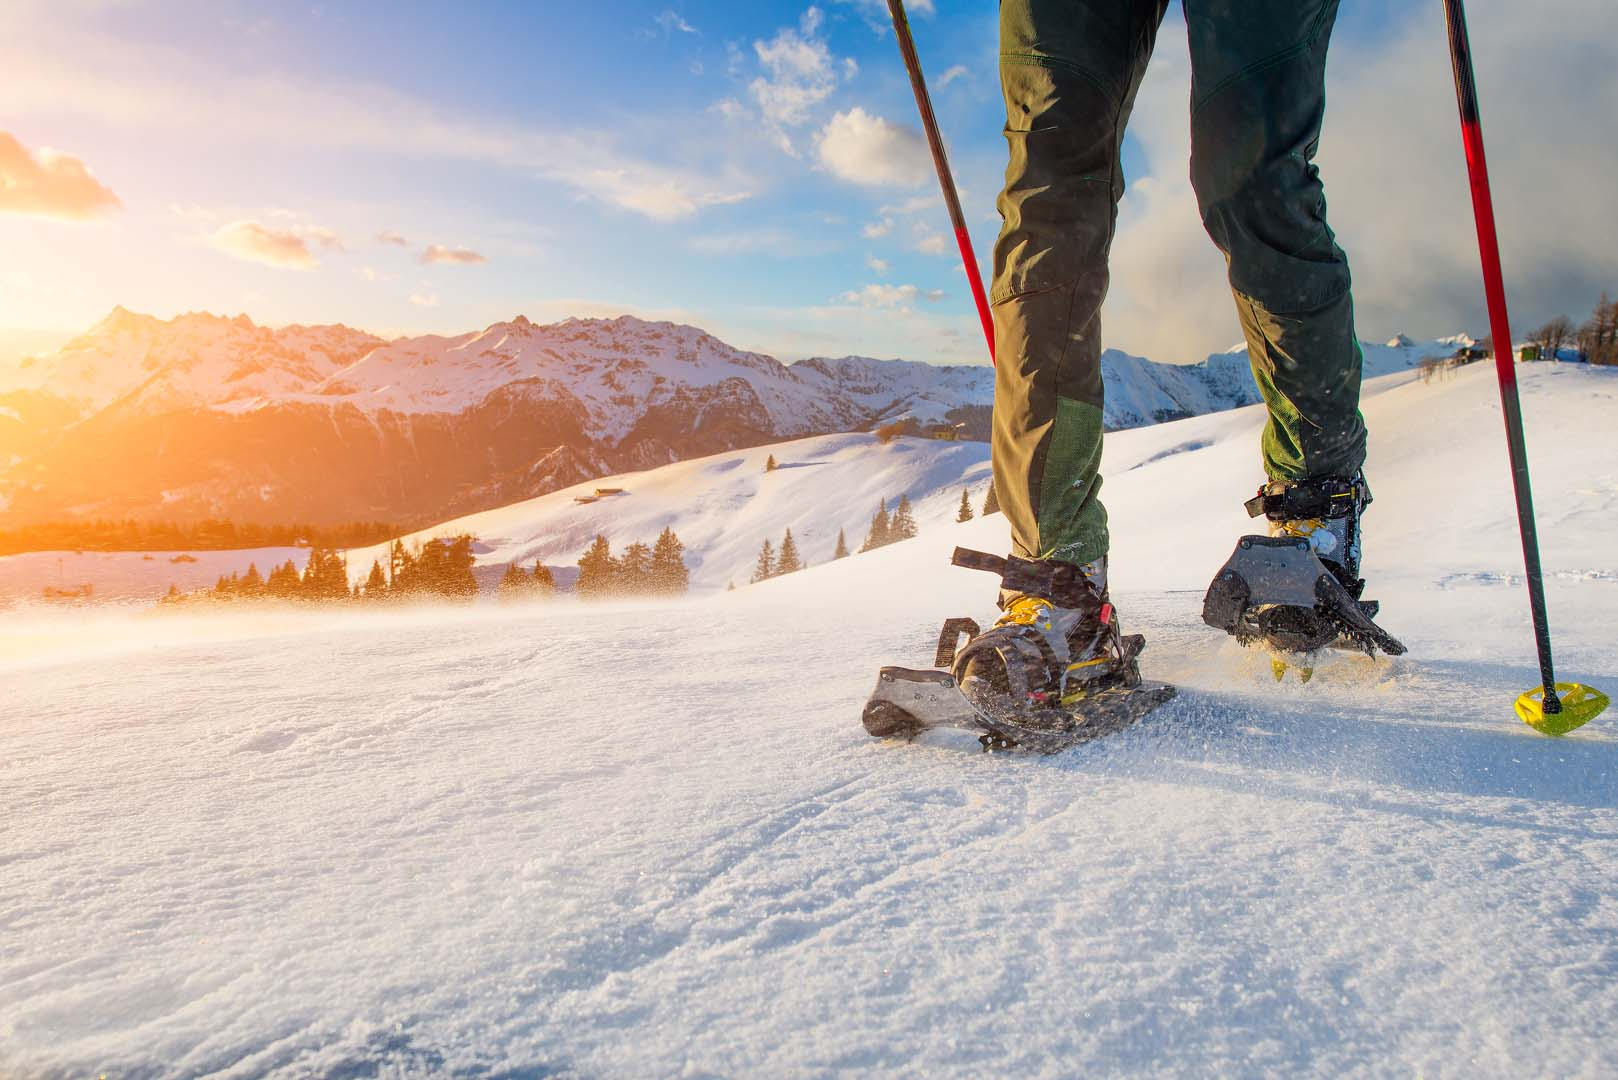 Snow shoe trips